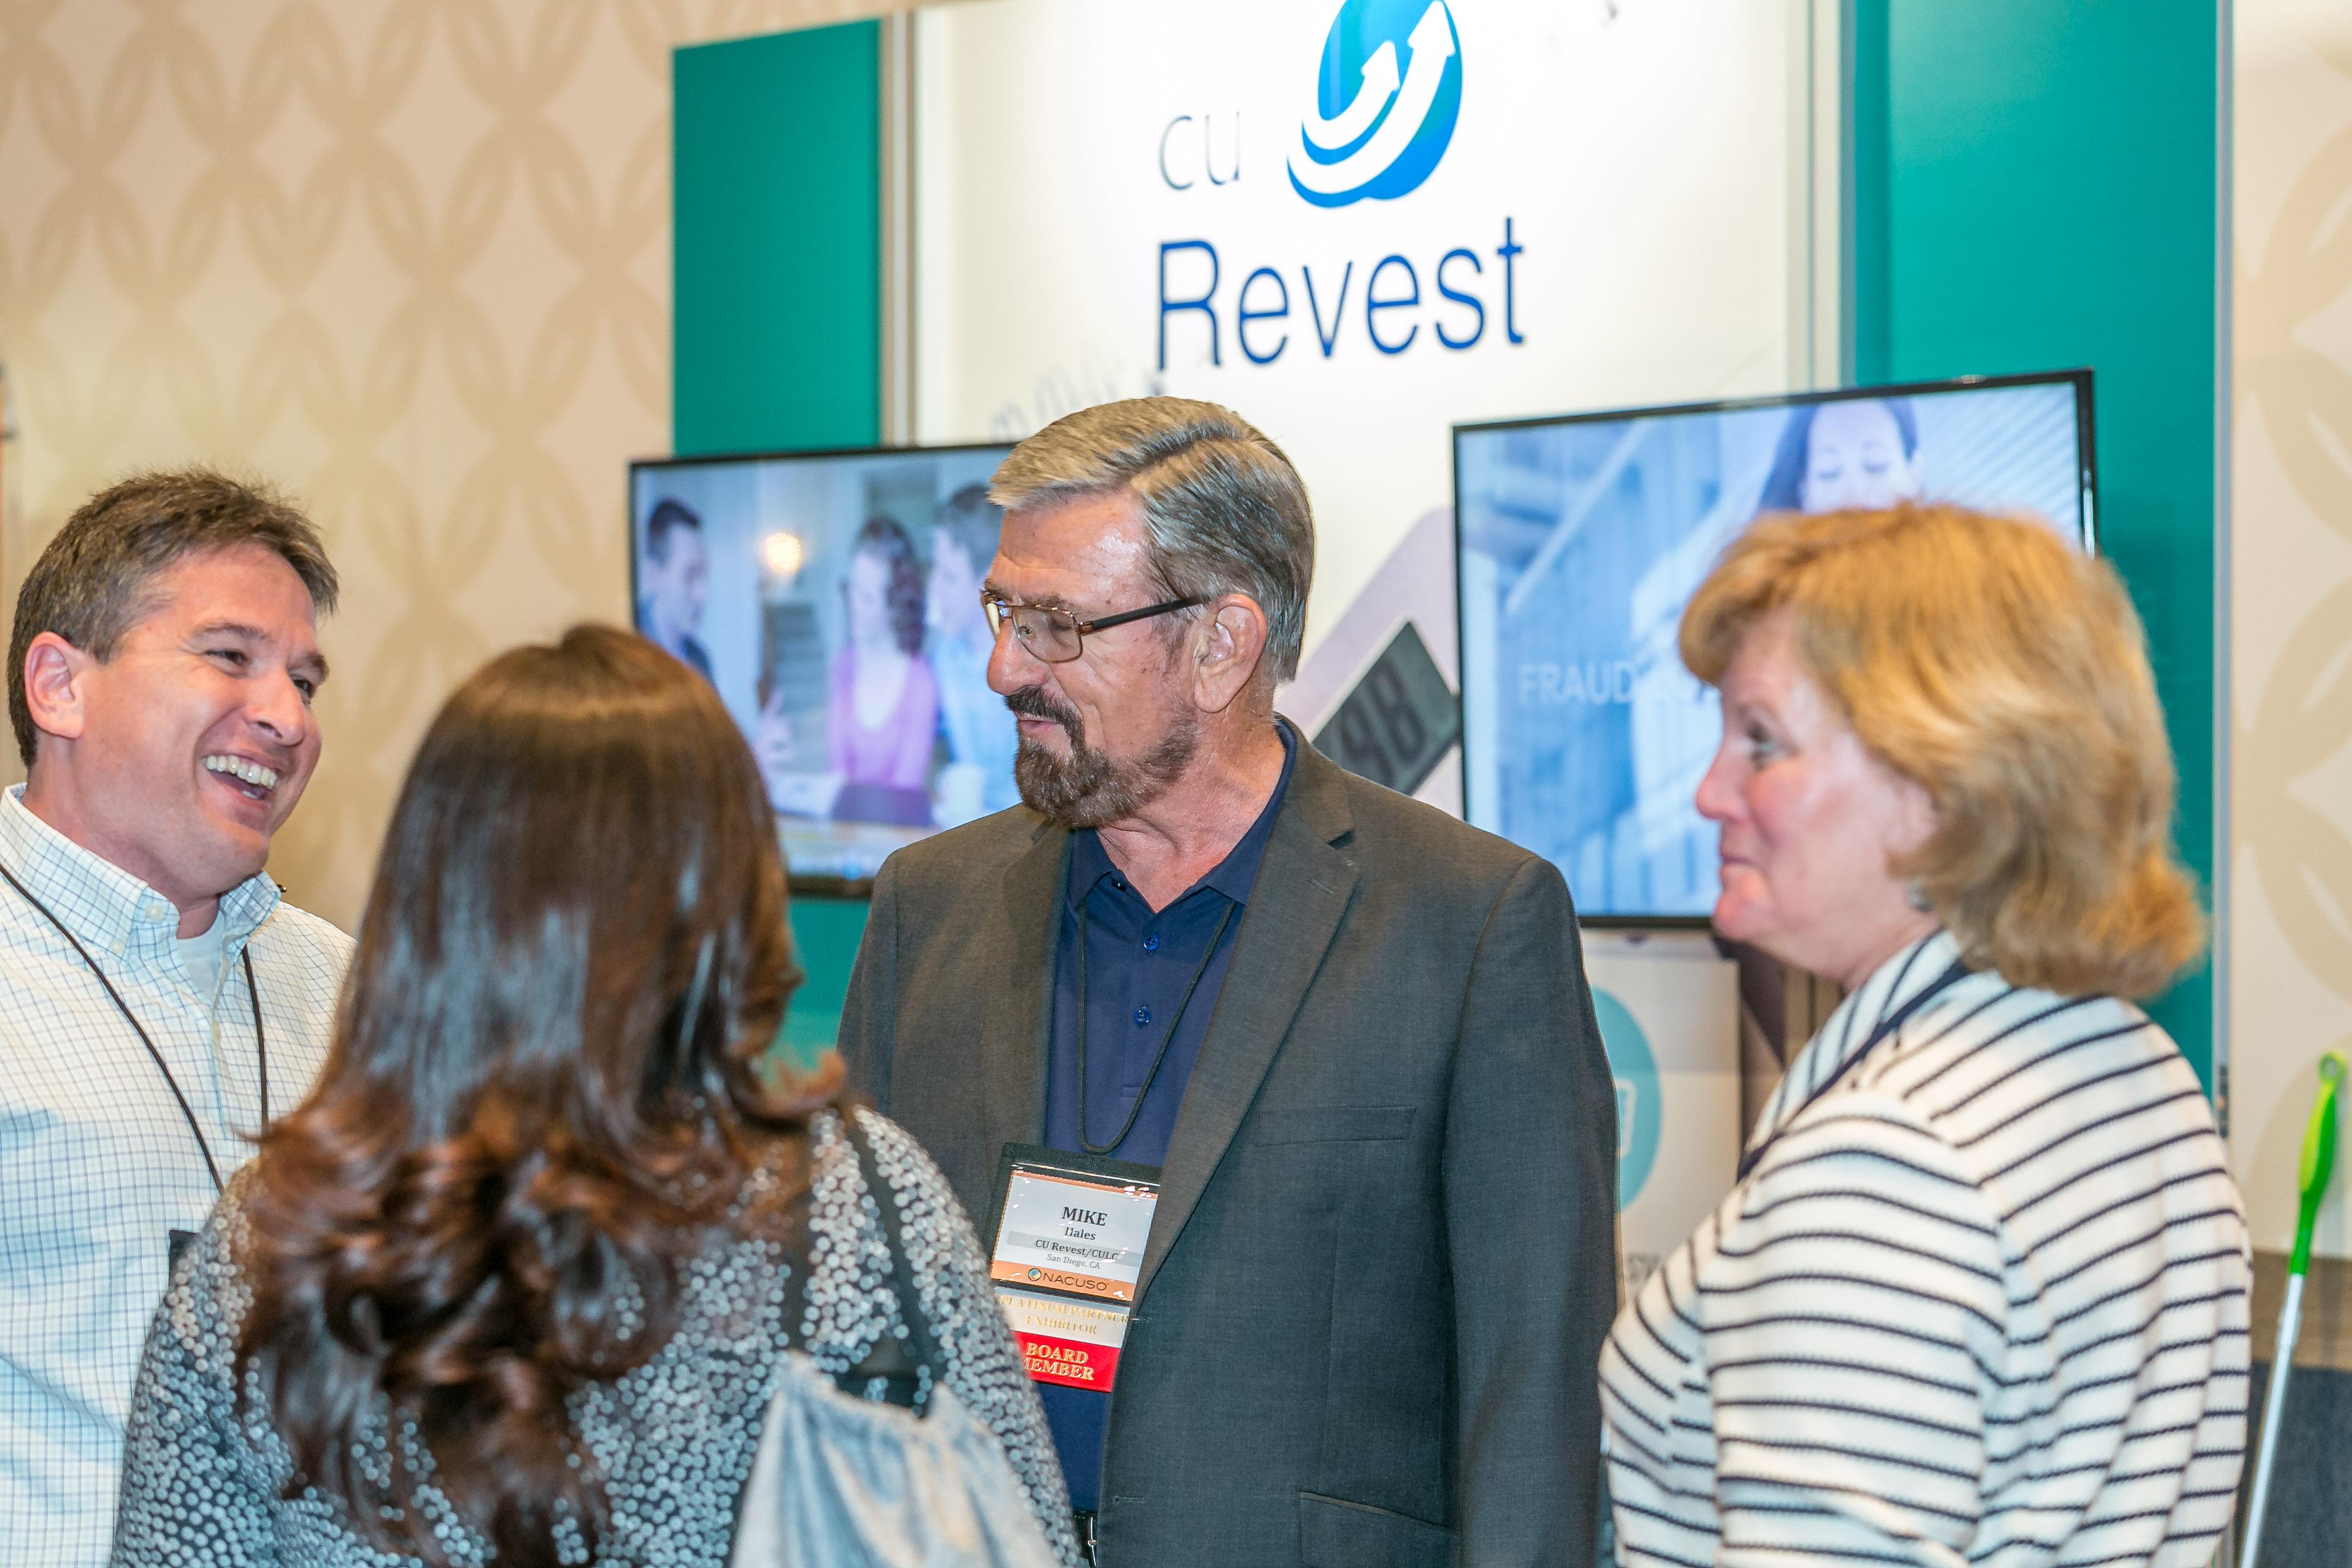 Platinum Partner CU Revest